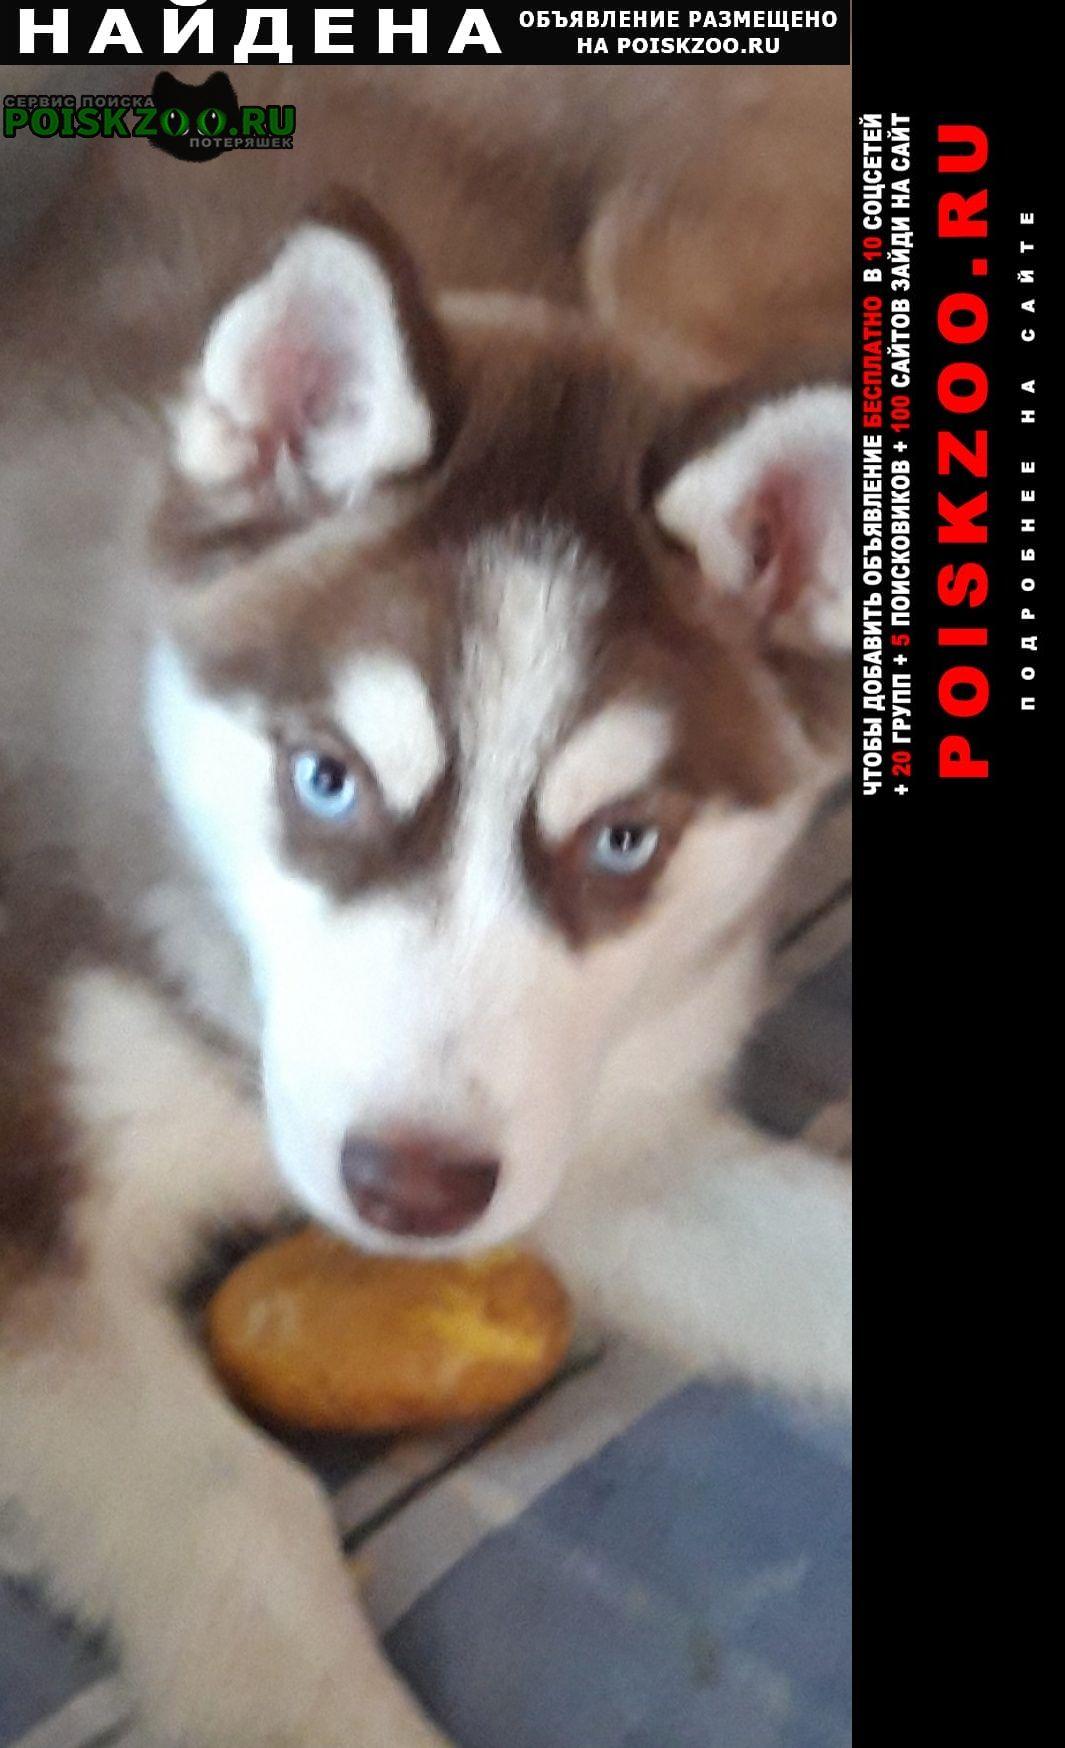 Найдена собака западный м-он. щенок хаски Ростов-на-Дону